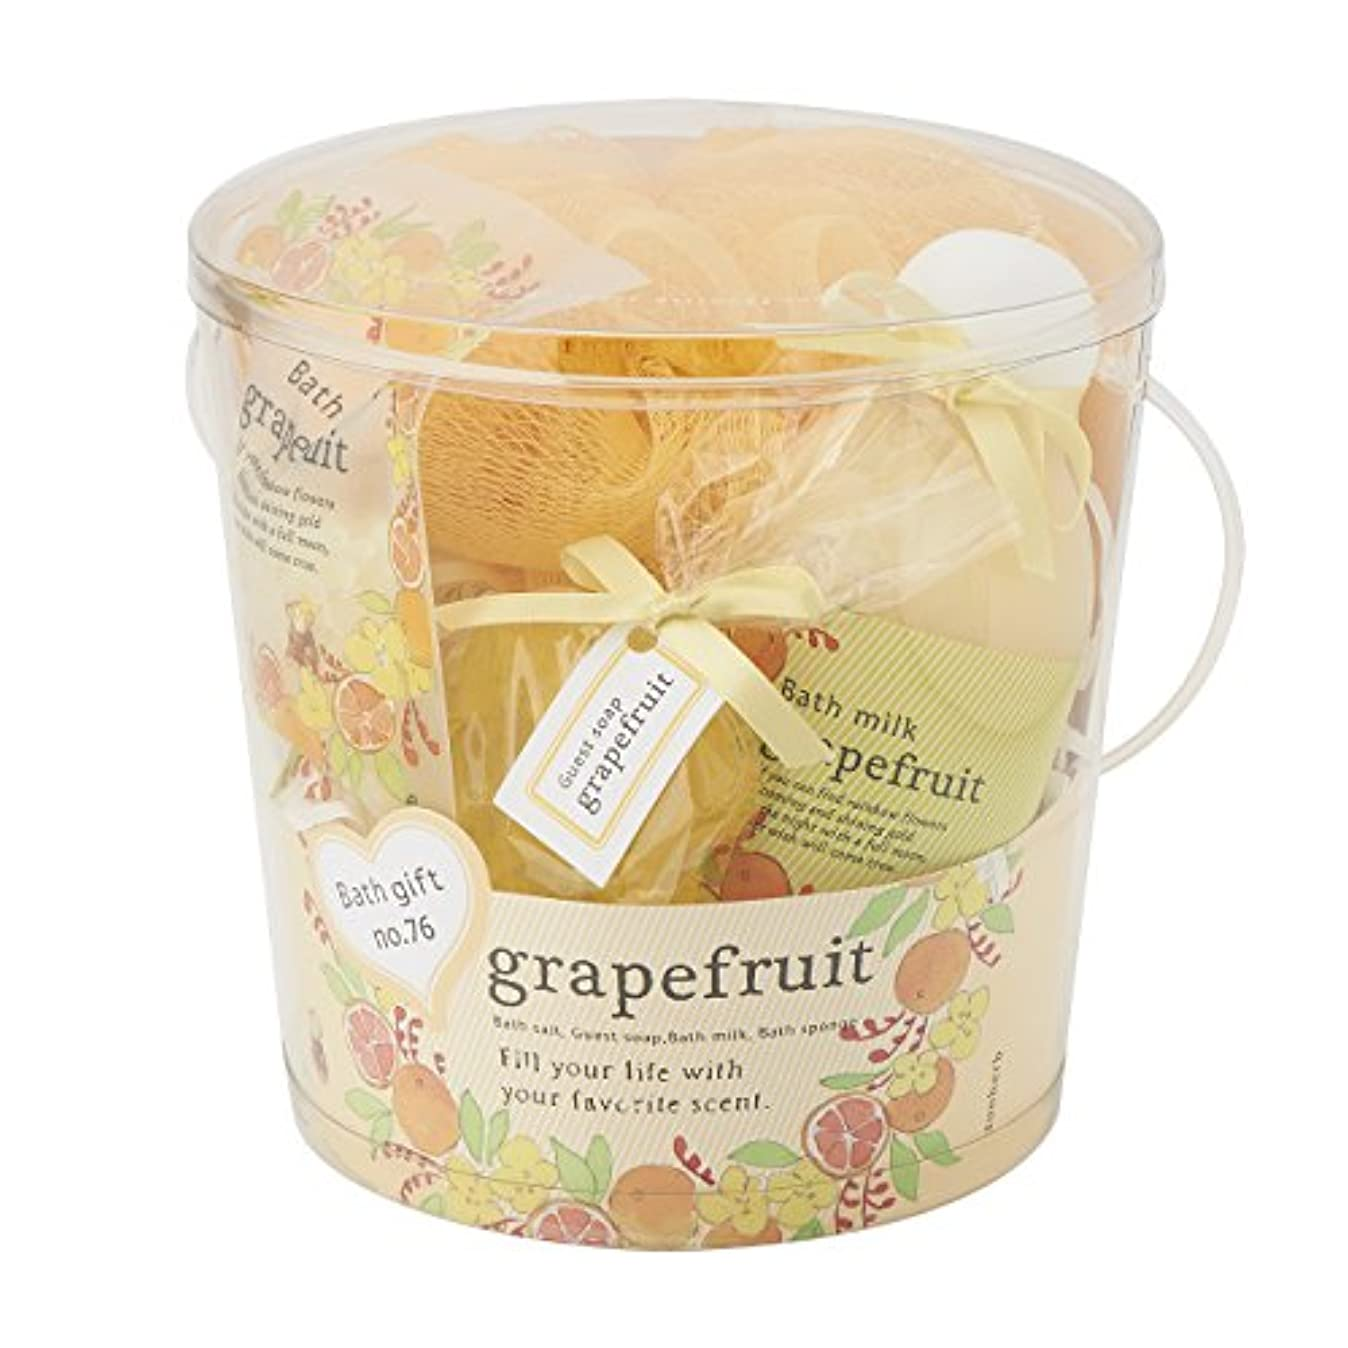 きらきらプレミアムカートリッジサンハーブ バスギフトNo.76 グレープフルーツ(バスミルク入りのボリューミーなバスセット シャキっとまぶしい柑橘系の香り)